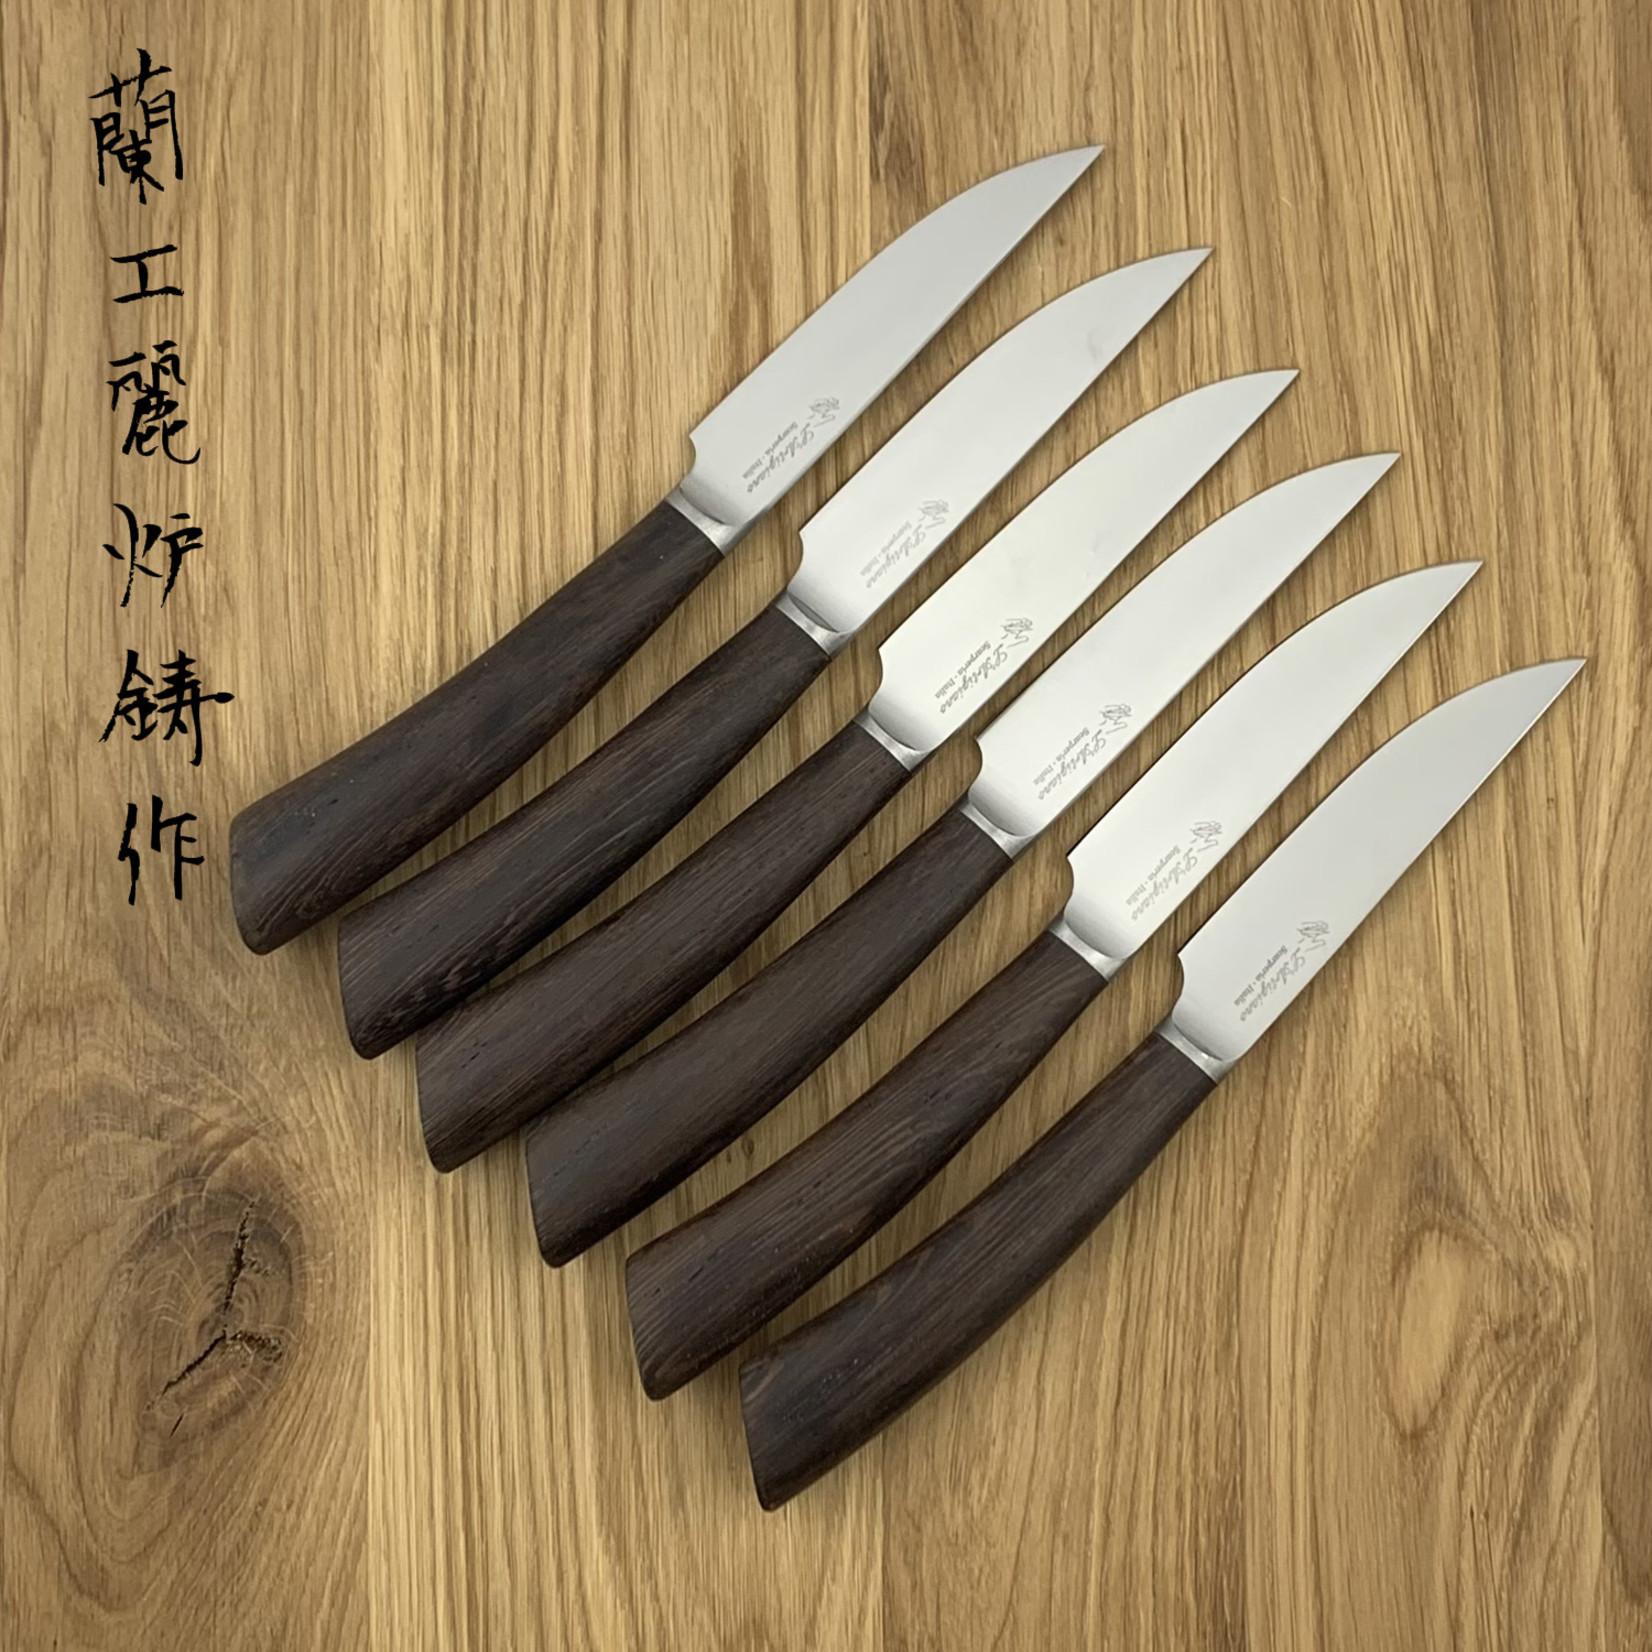 L'ARTIGIANO SCARPERIA Rustico steak knives set wenge (6 items)